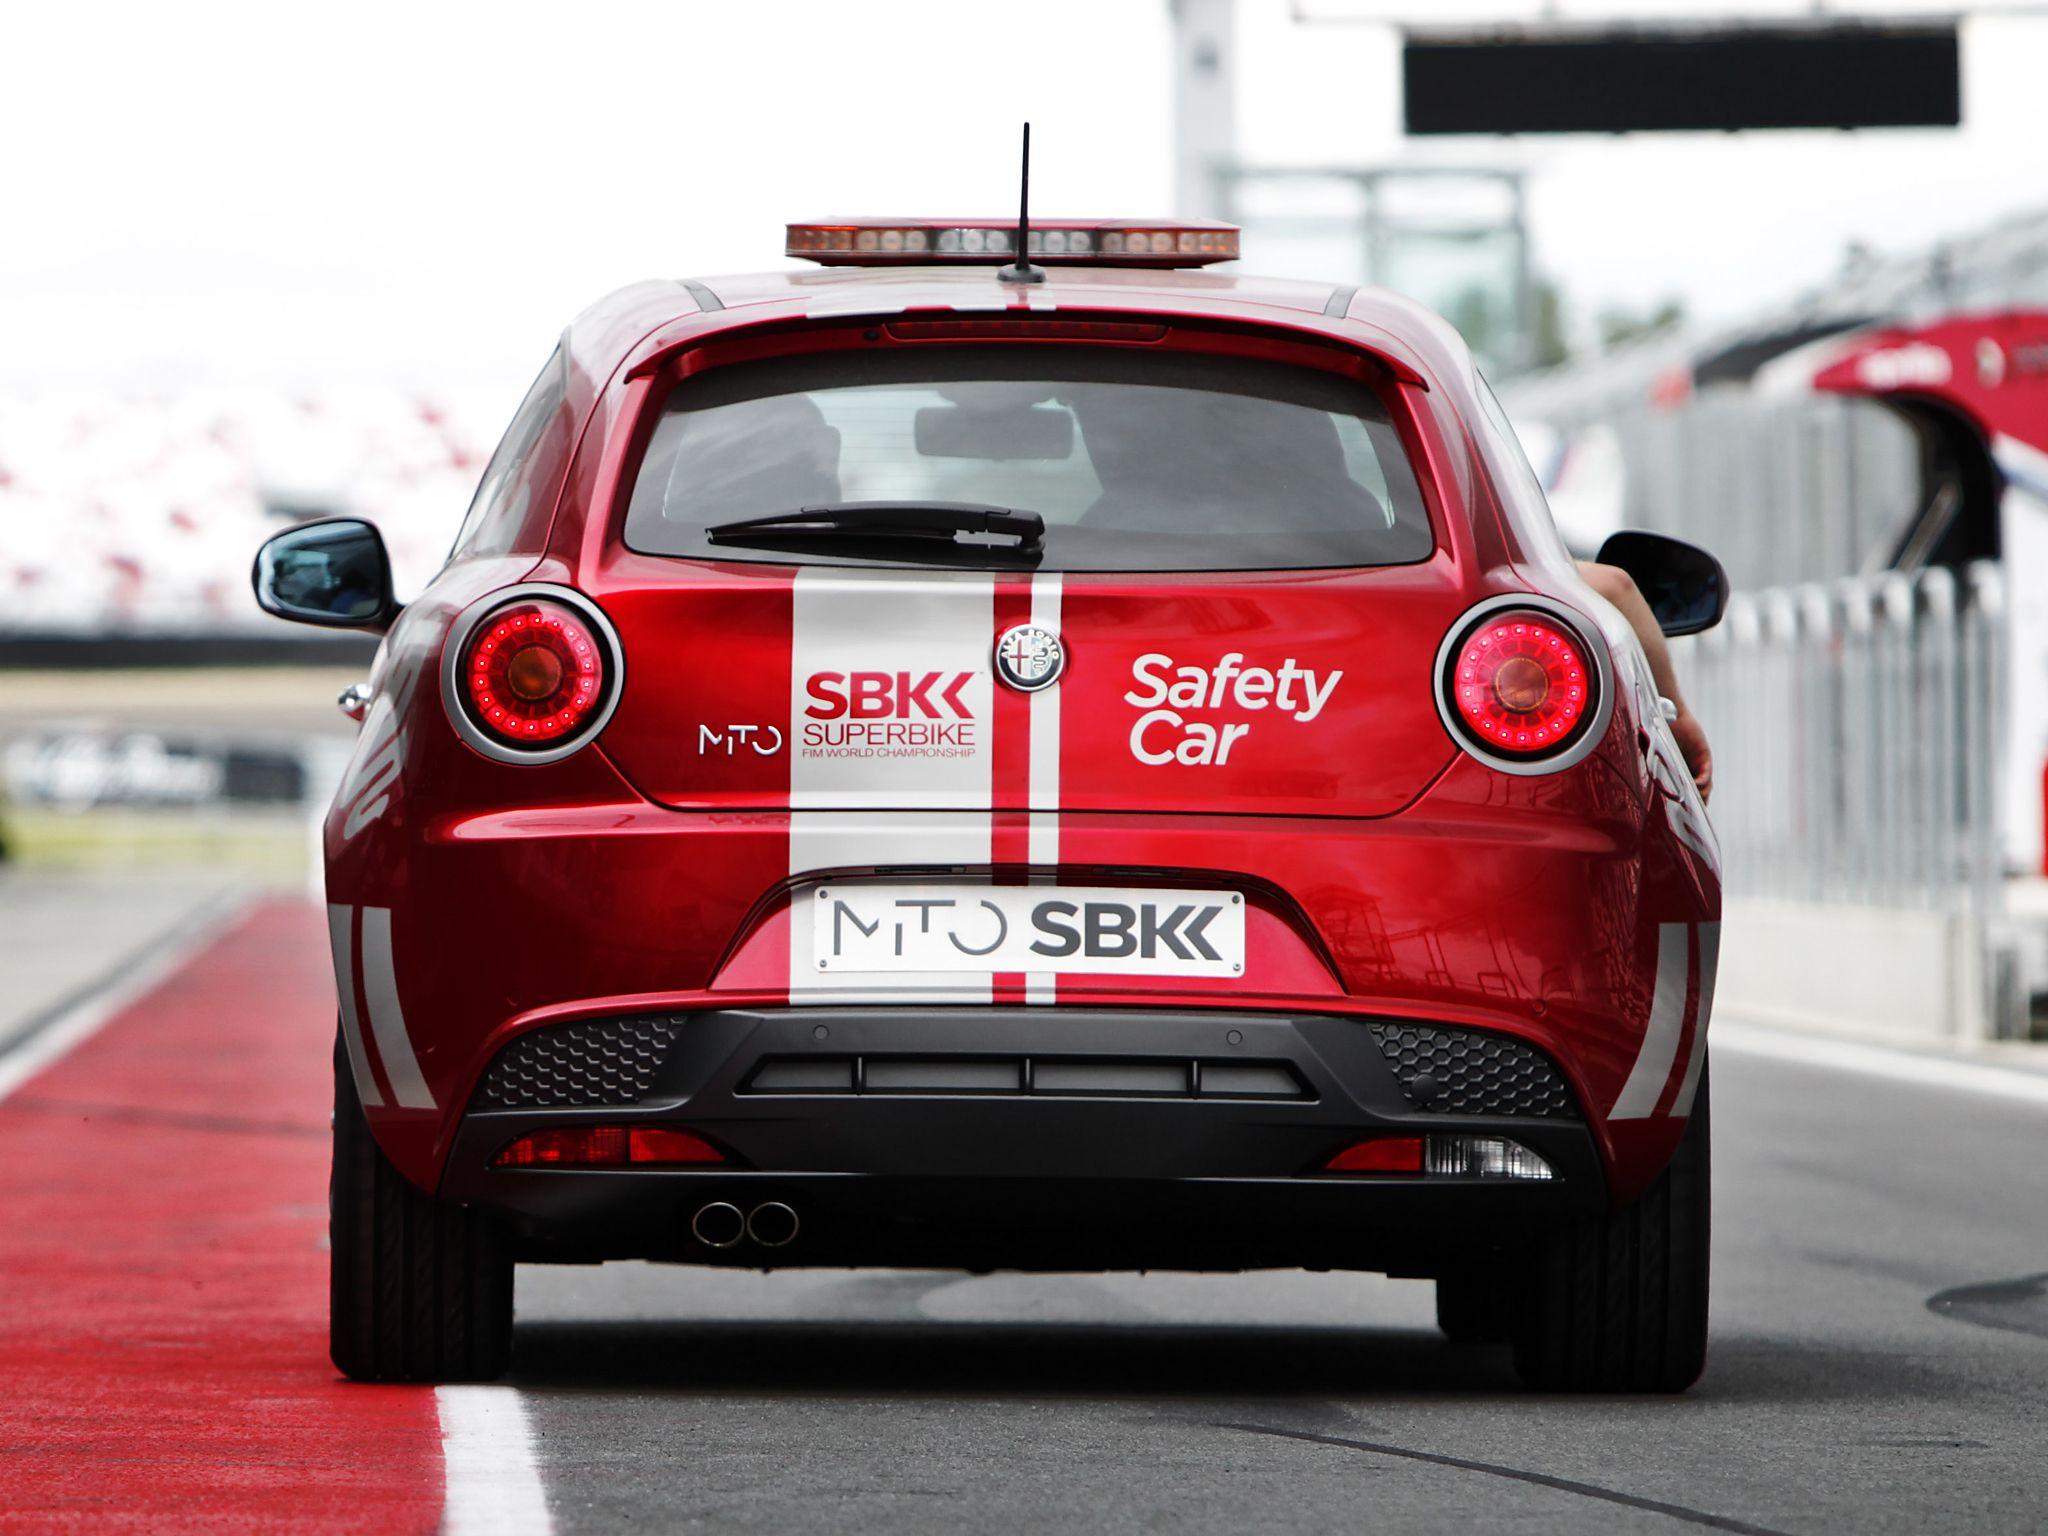 2013 Alfa Romeo Mito Quadrifoglio Verde Sbk Voiture De Securite